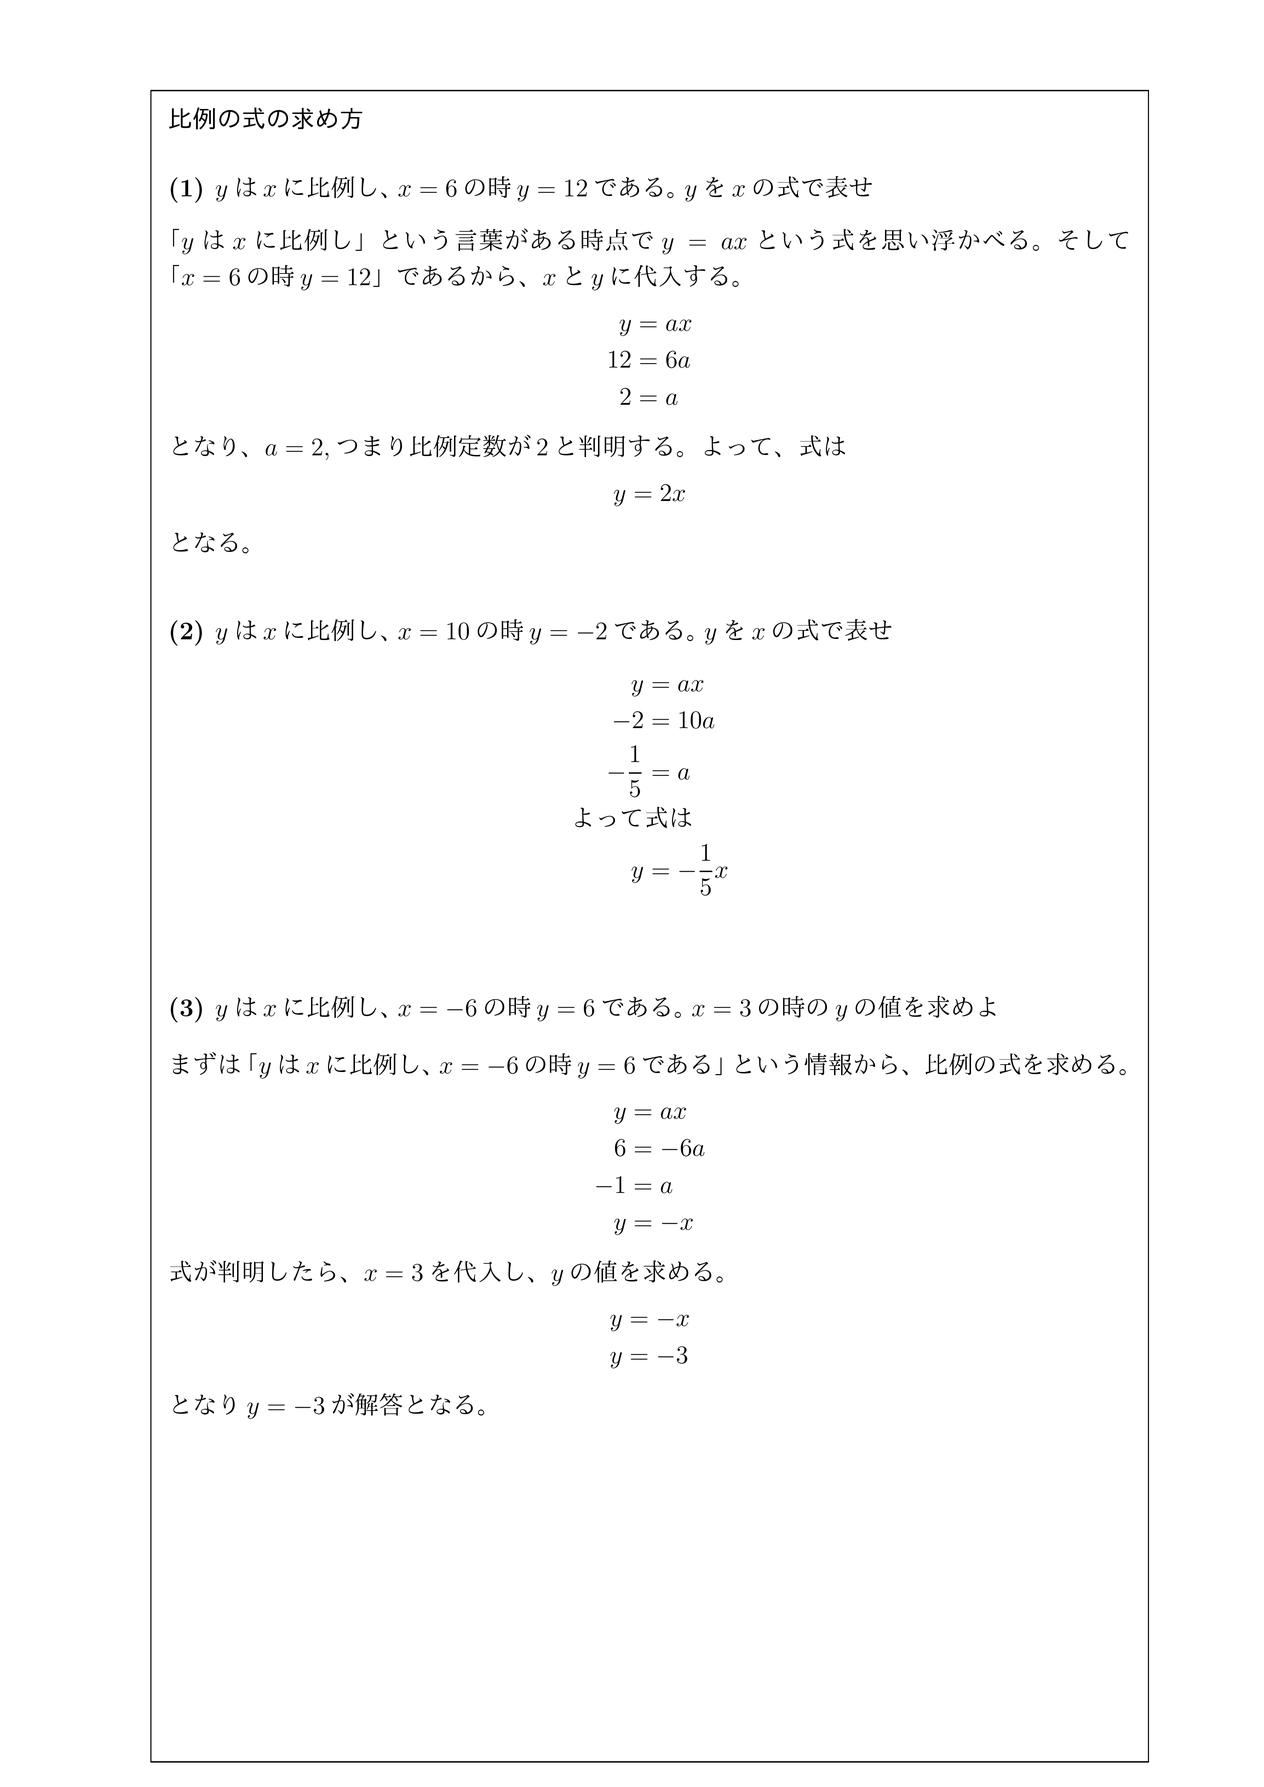 比例の式の求め方